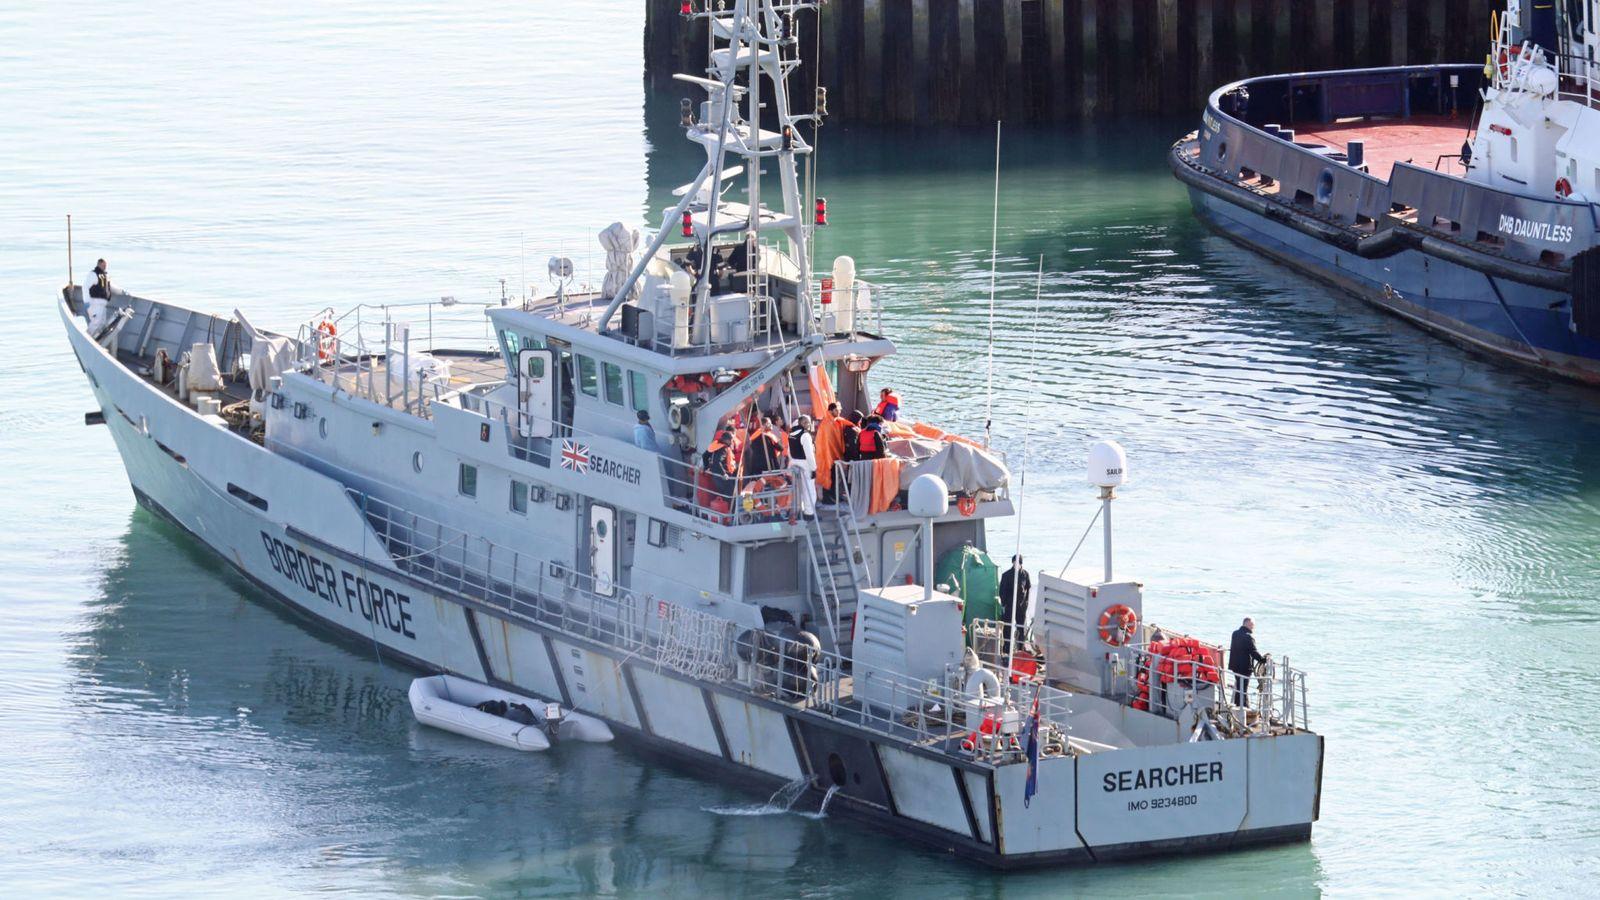 英国海岸警卫队拦截90名非法移民 包括妇女和儿童